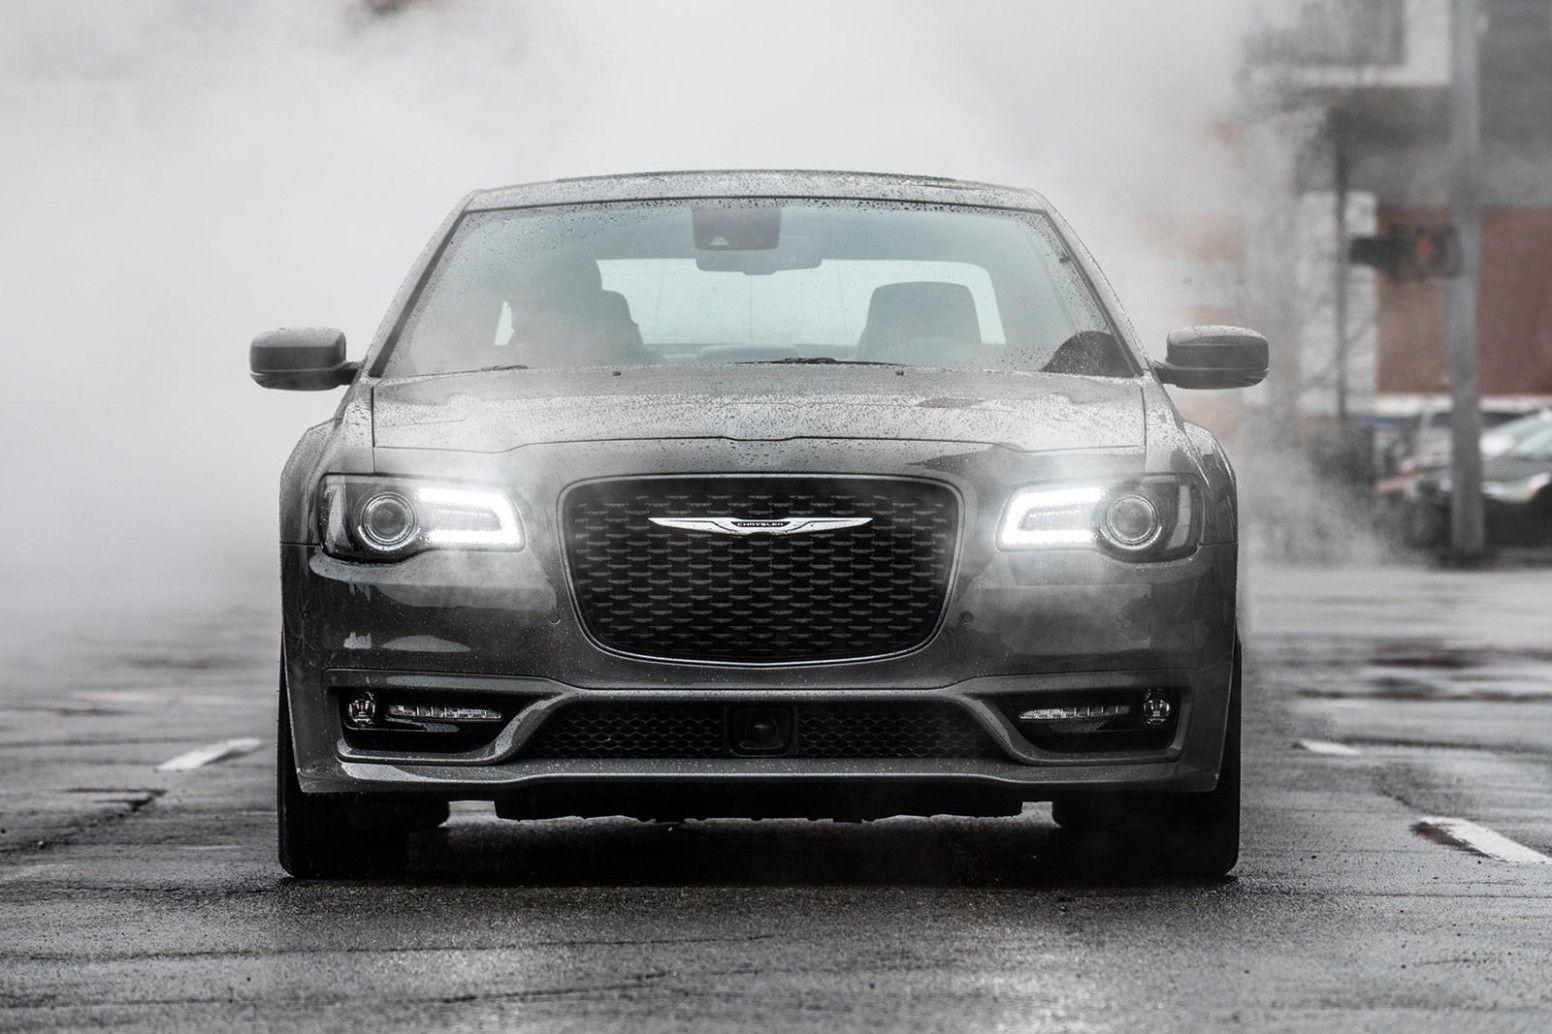 2020 Chrysler Aspen Photos